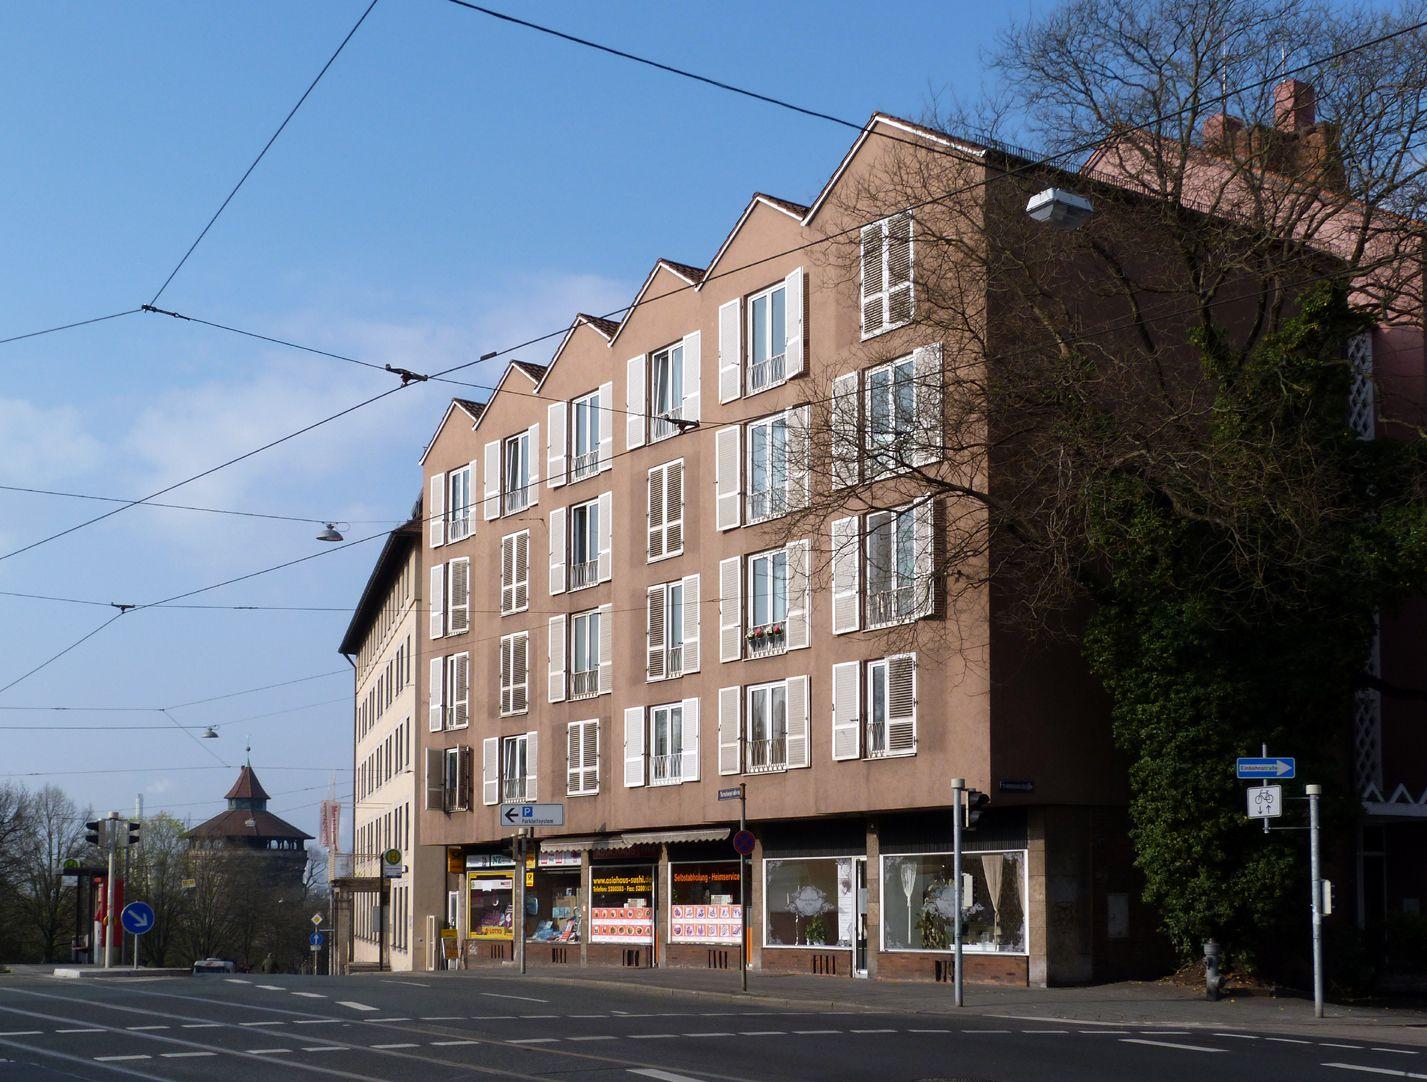 Wohn- und Geschäftshaus Ecke Neutorgraben Frommannstraße